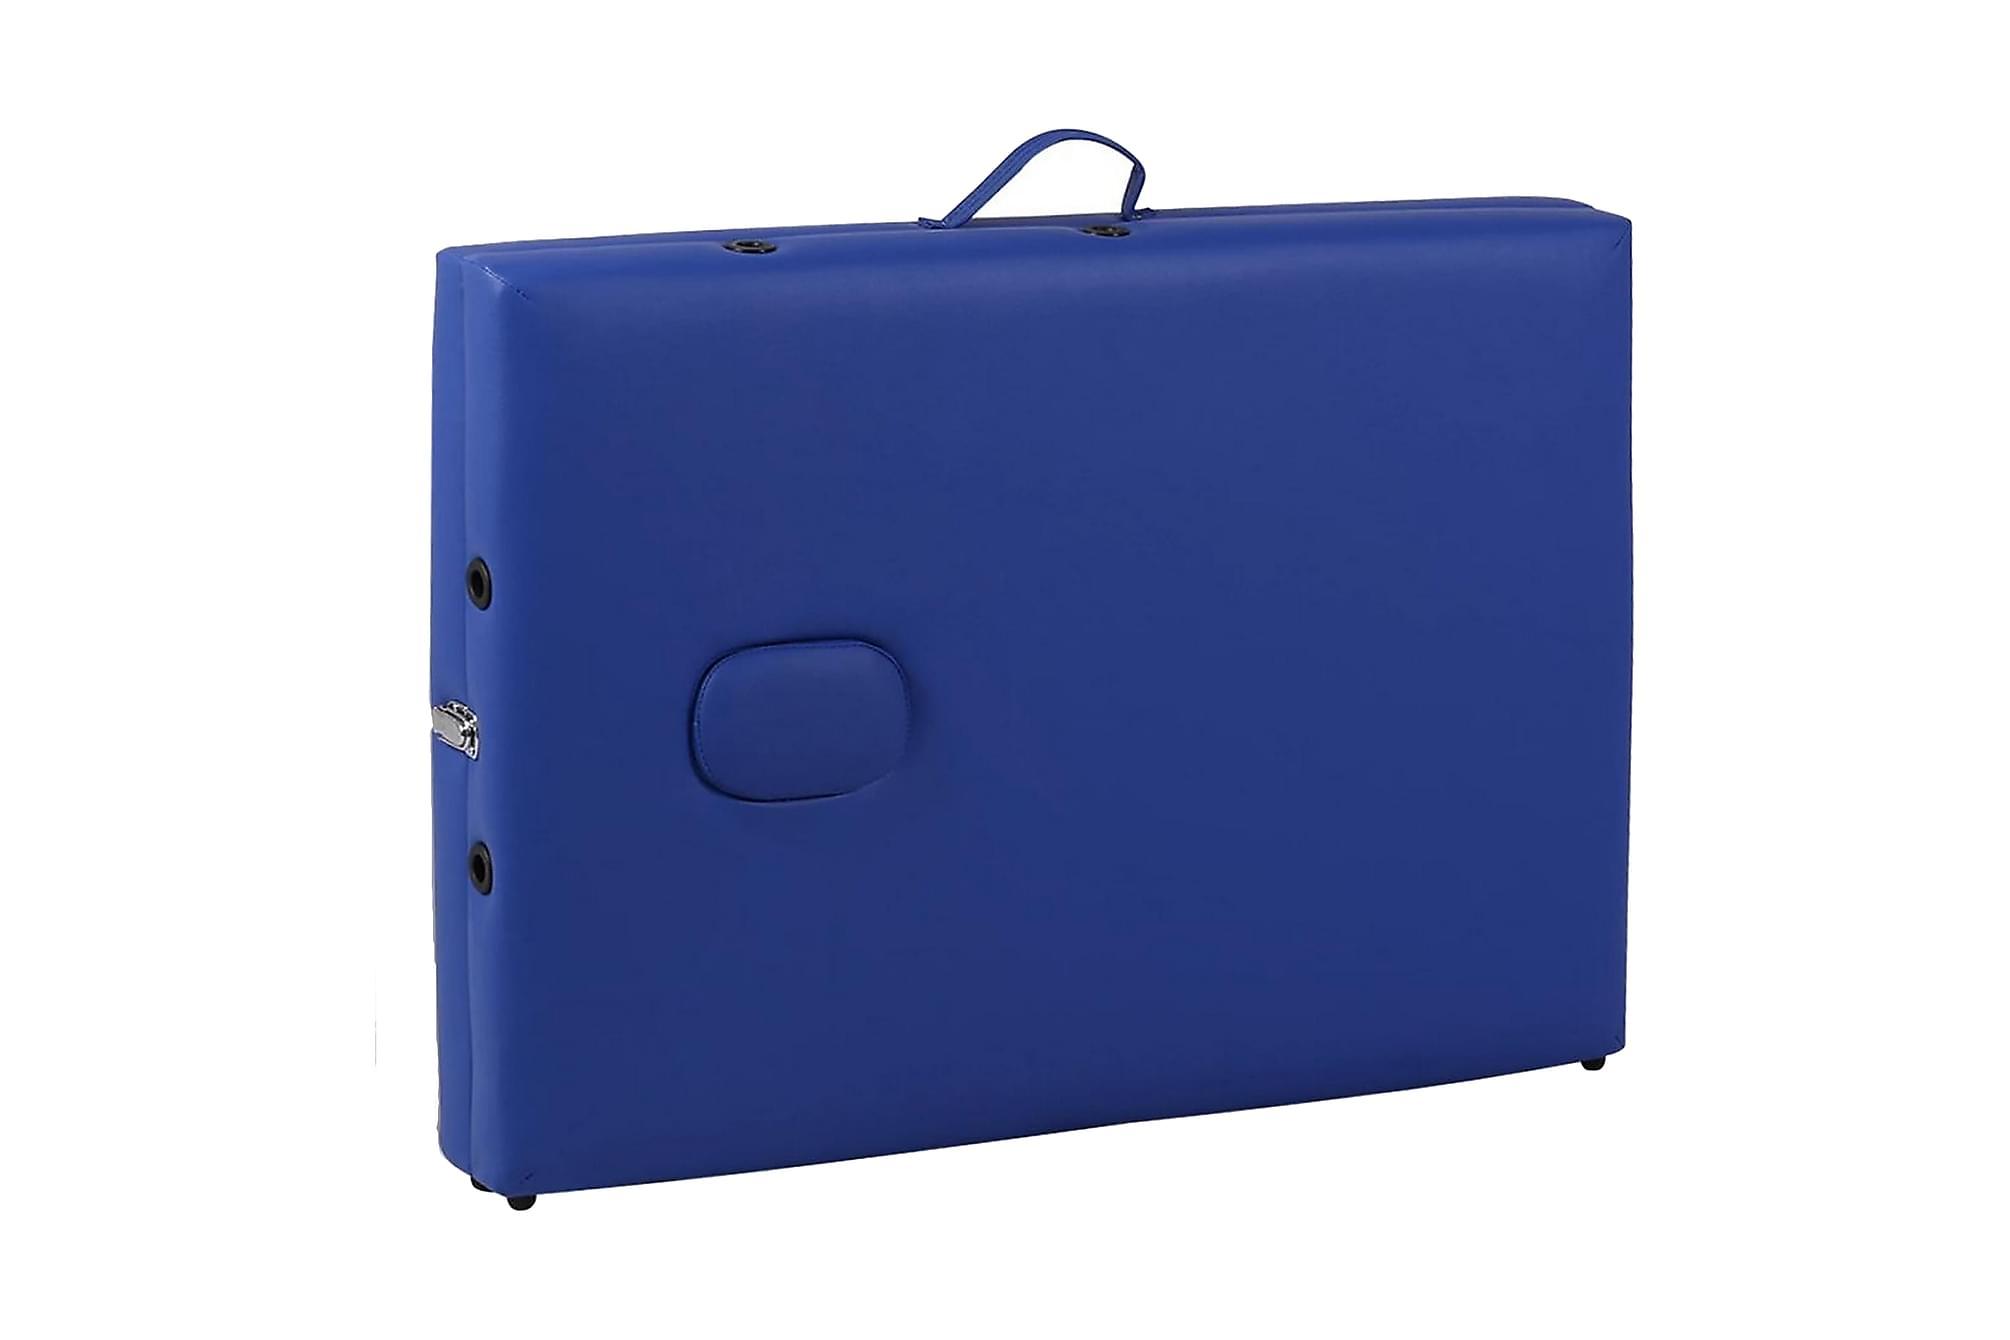 Blått vikbart massagebord med 2 zoner och träram, Massagebord